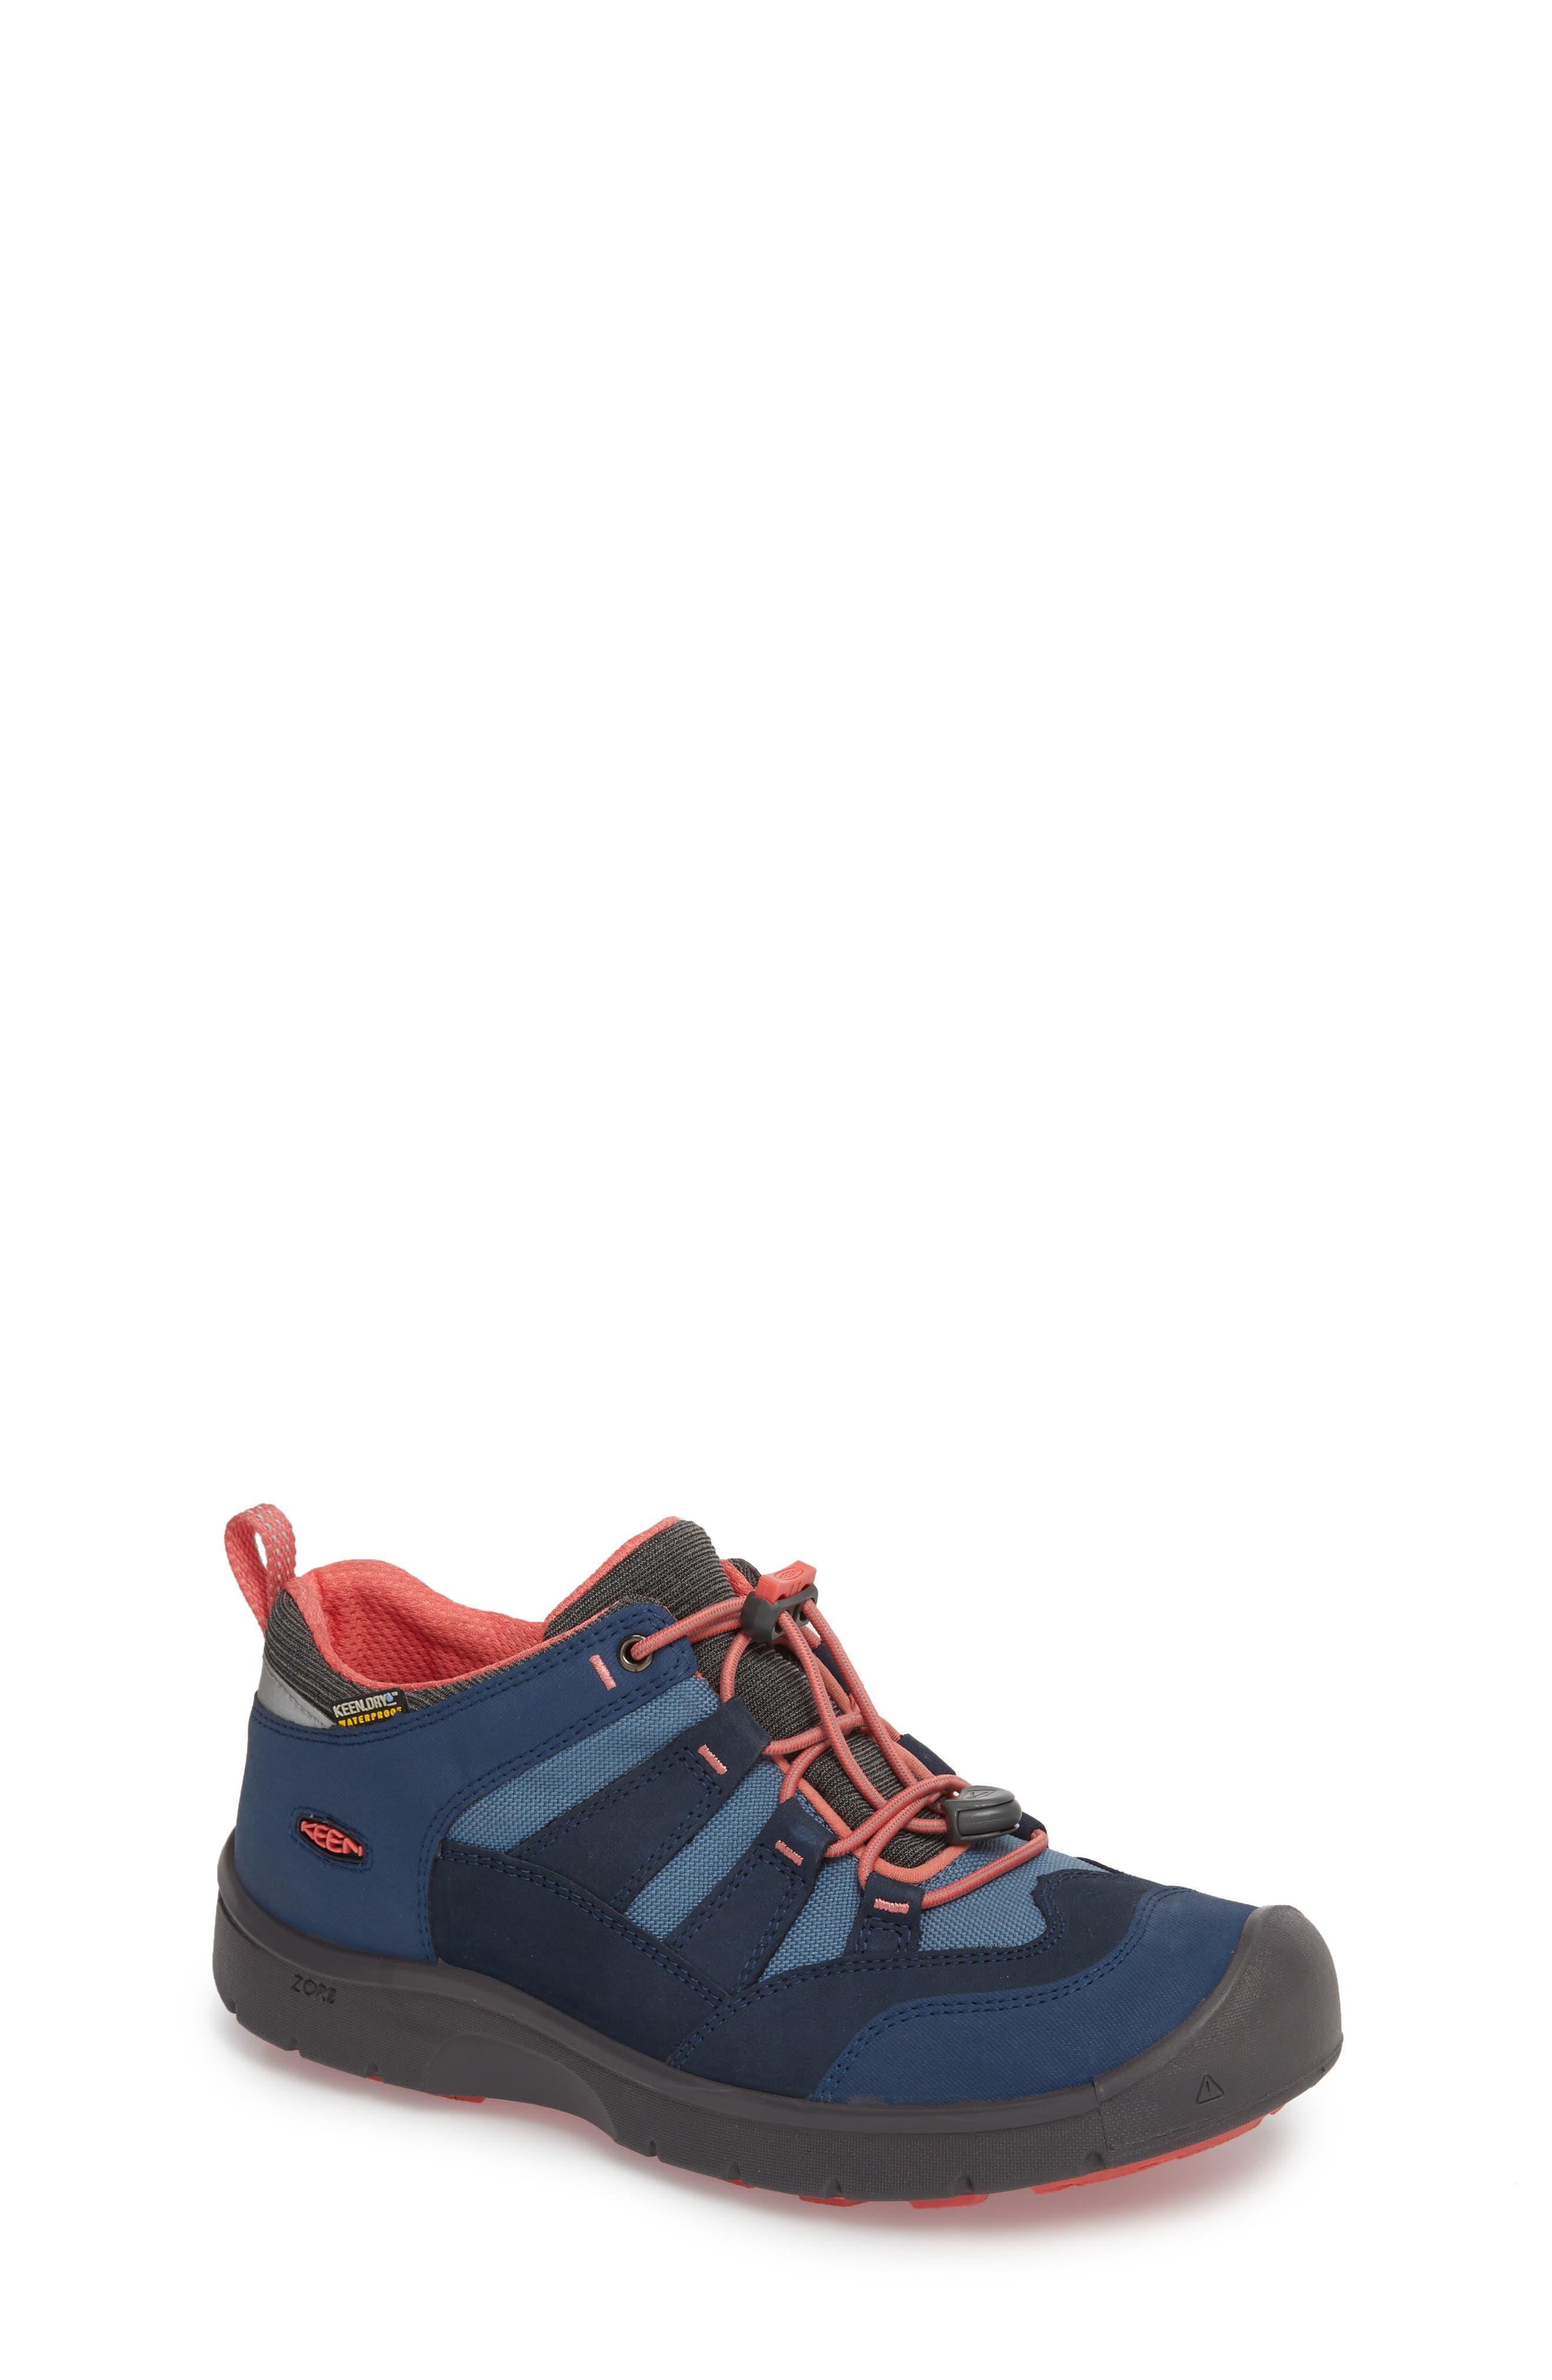 Main Image - Keen Hikeport Waterproof Sneaker (Toddler, Little Kid & Big Kid)